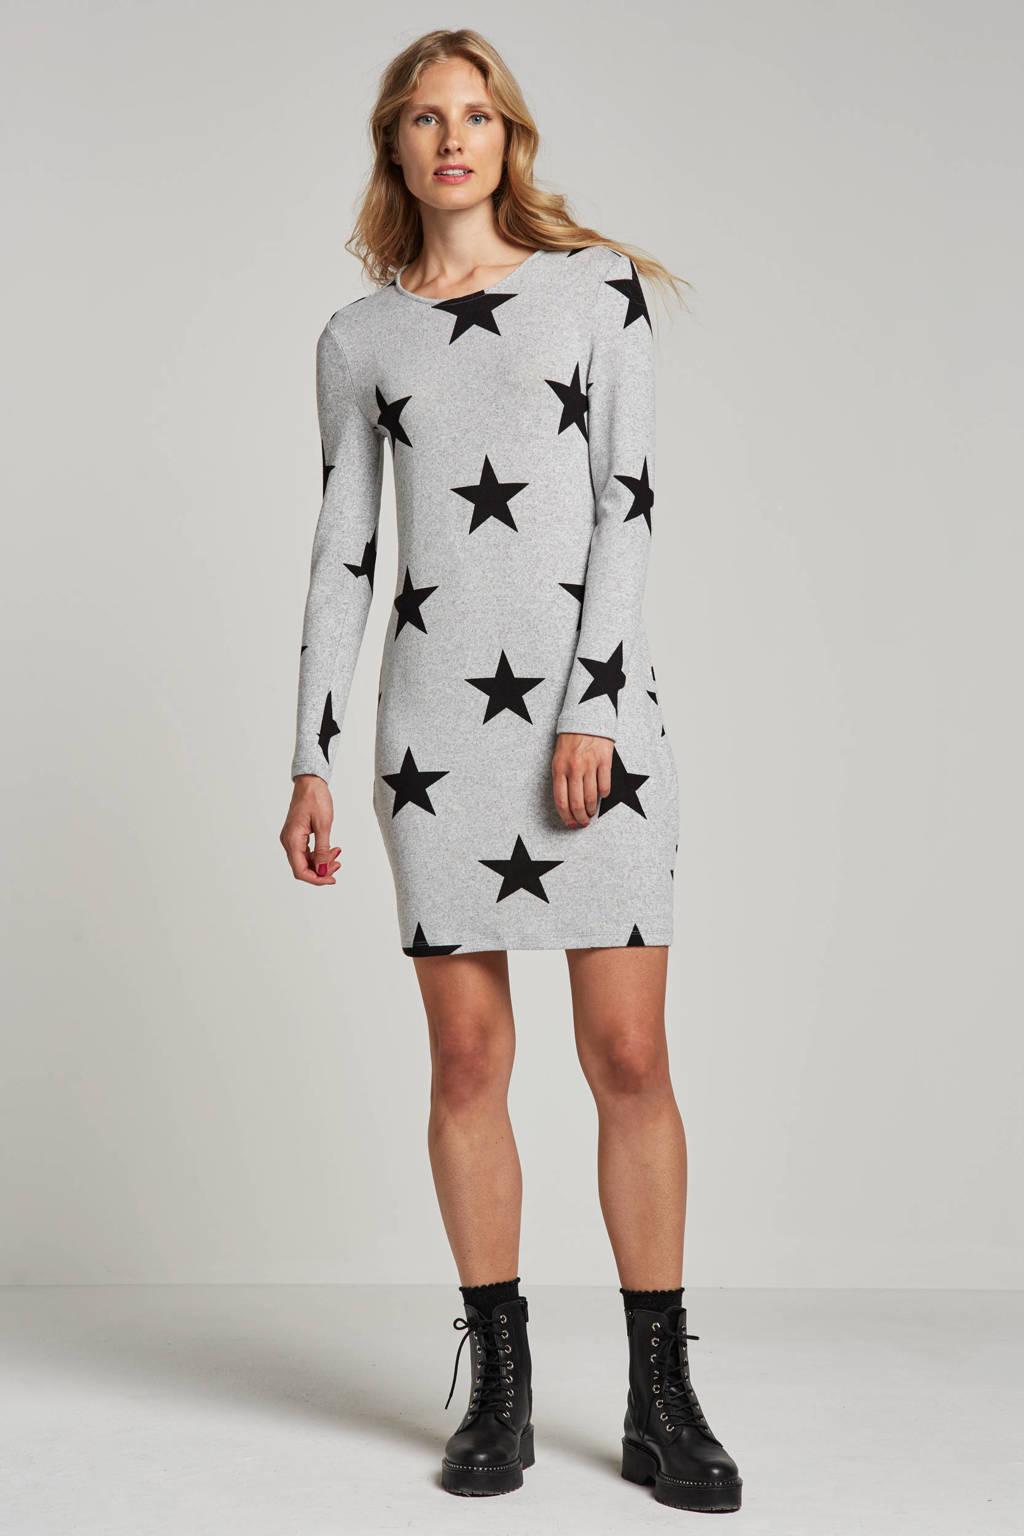 VERO MODA jurk met sterren print, Grijs/zwart